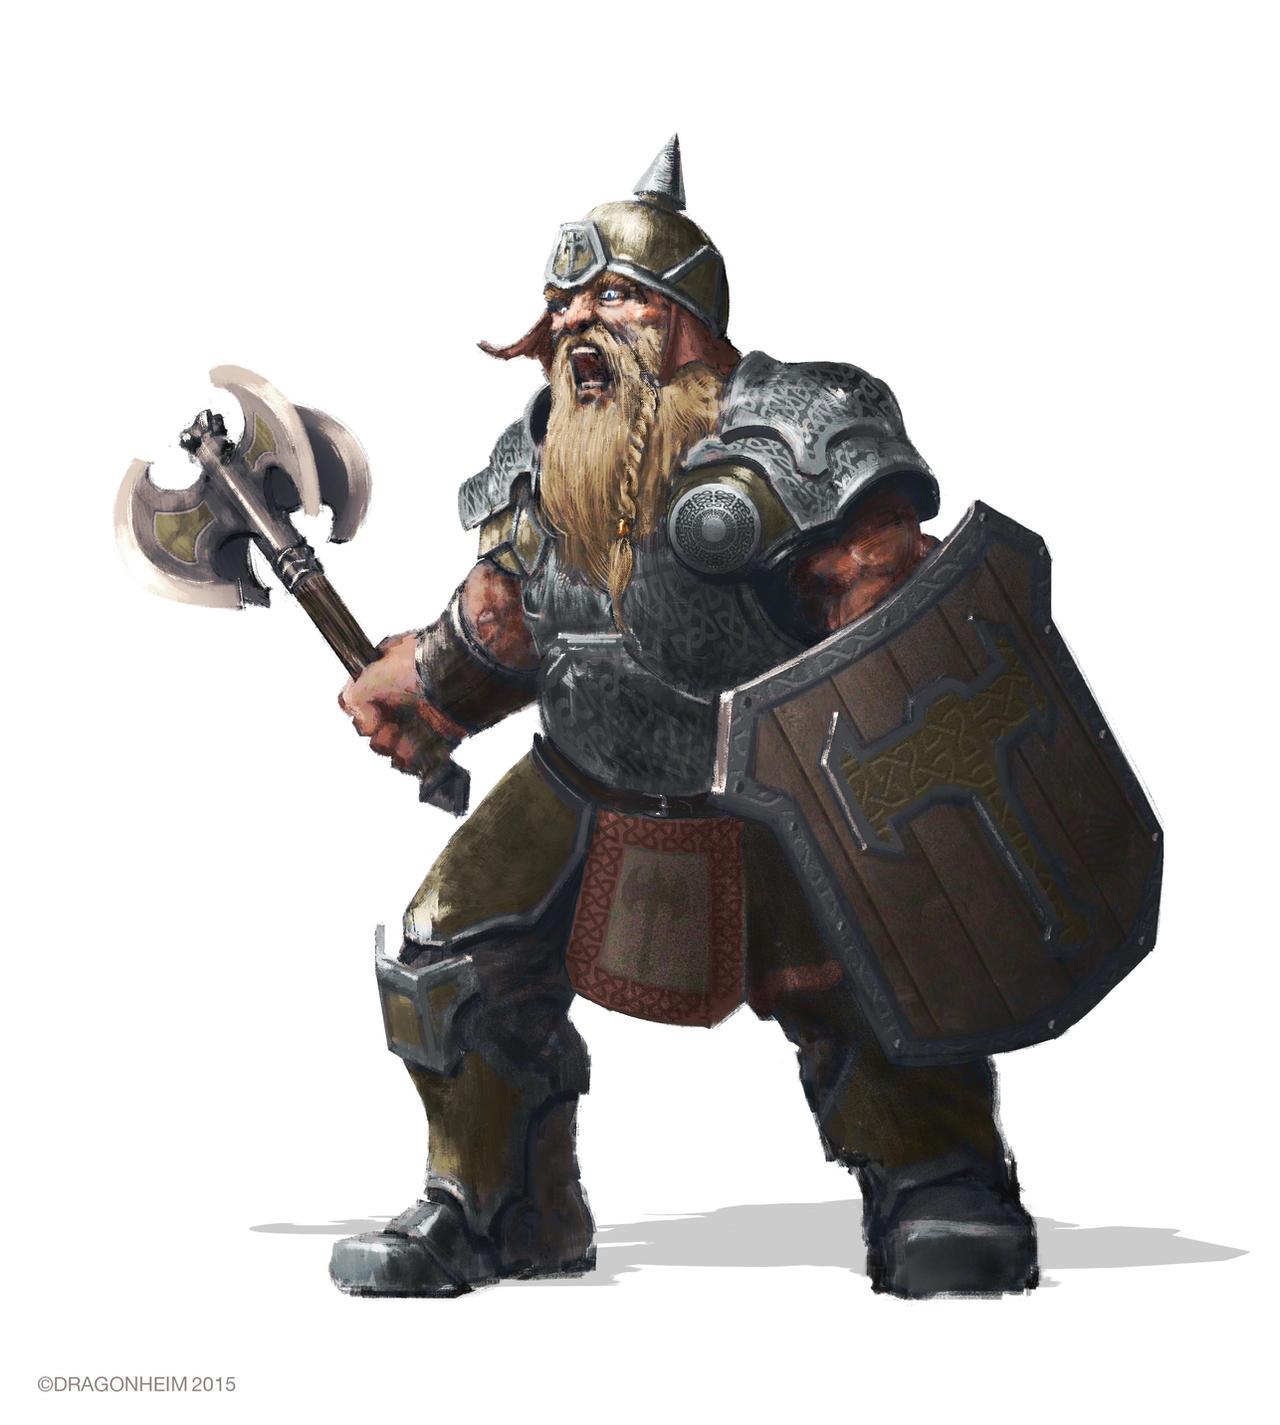 dwarf_warrior_for_dragonheim_rpg_by_orti